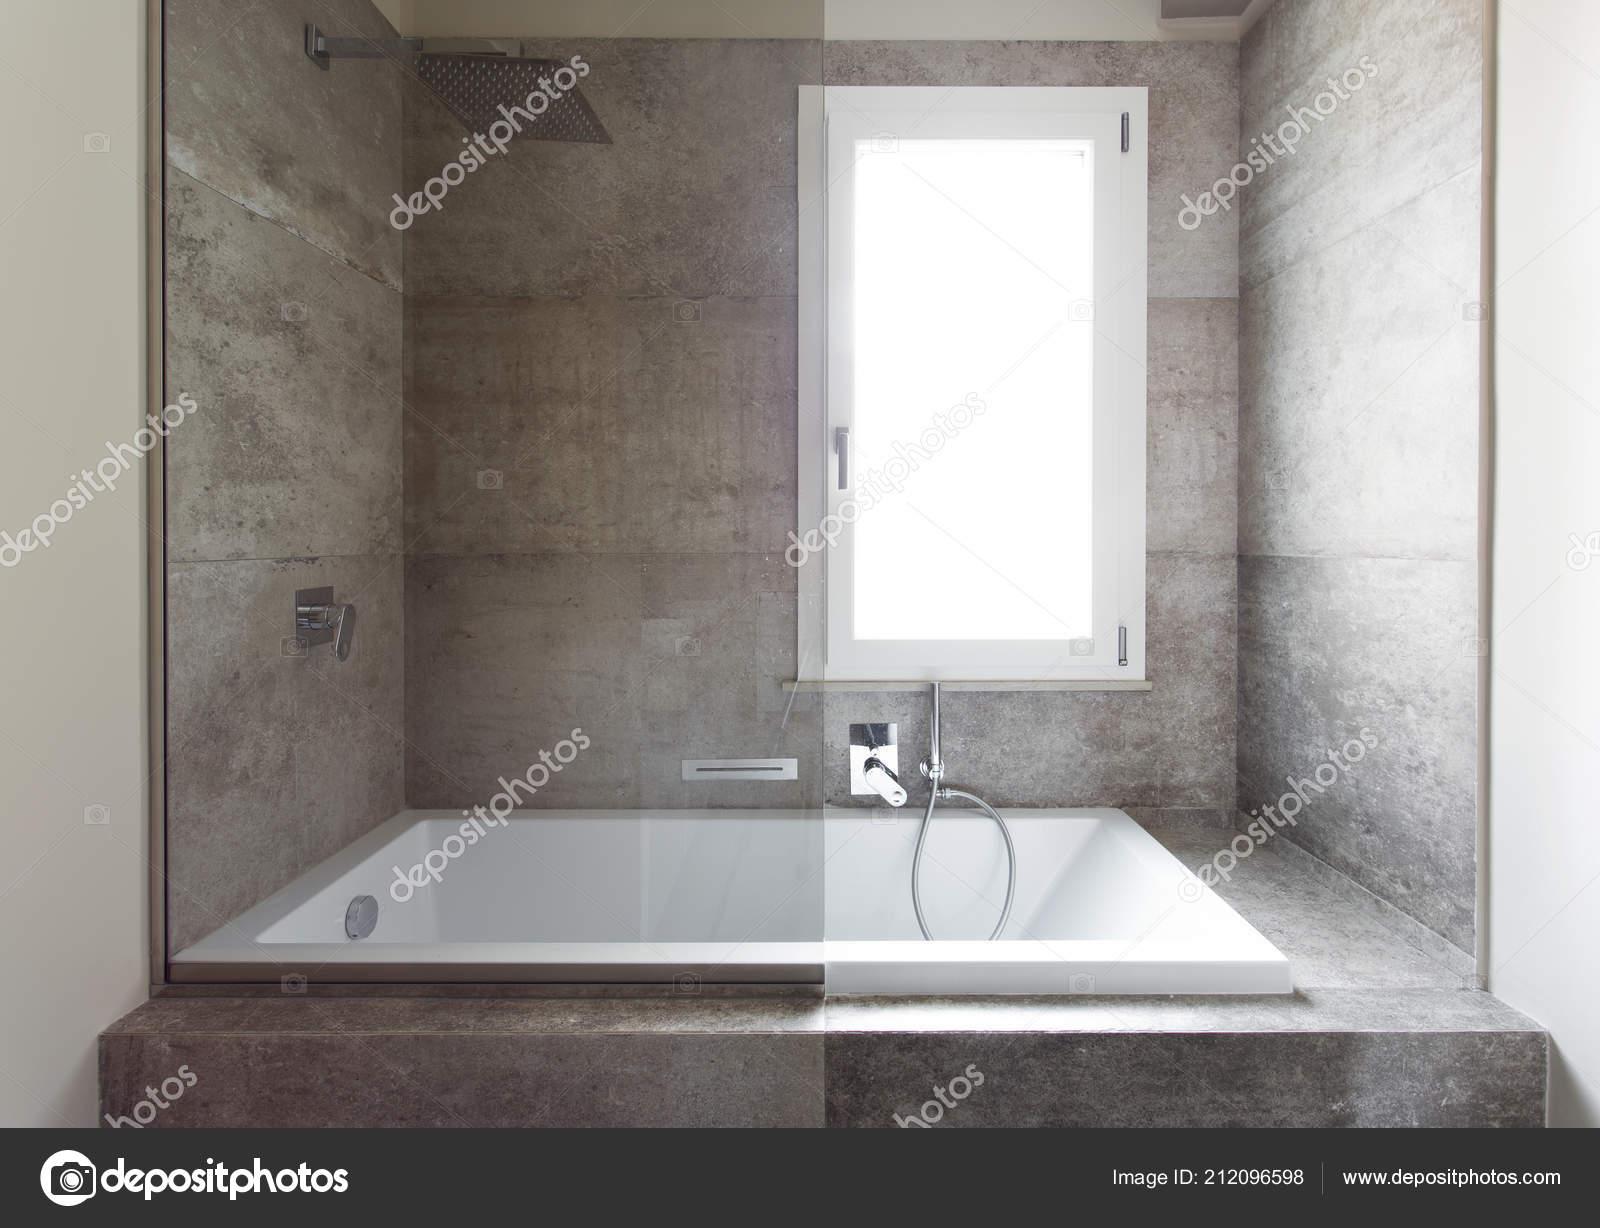 Moderno bagno con doppio lavabo bagno sanitari sospesi u2014 foto stock